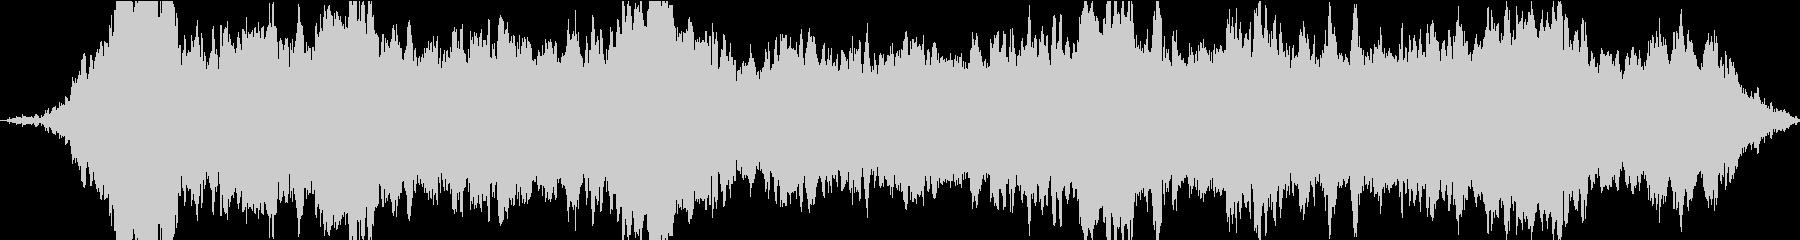 ドローン アースドローン01の未再生の波形